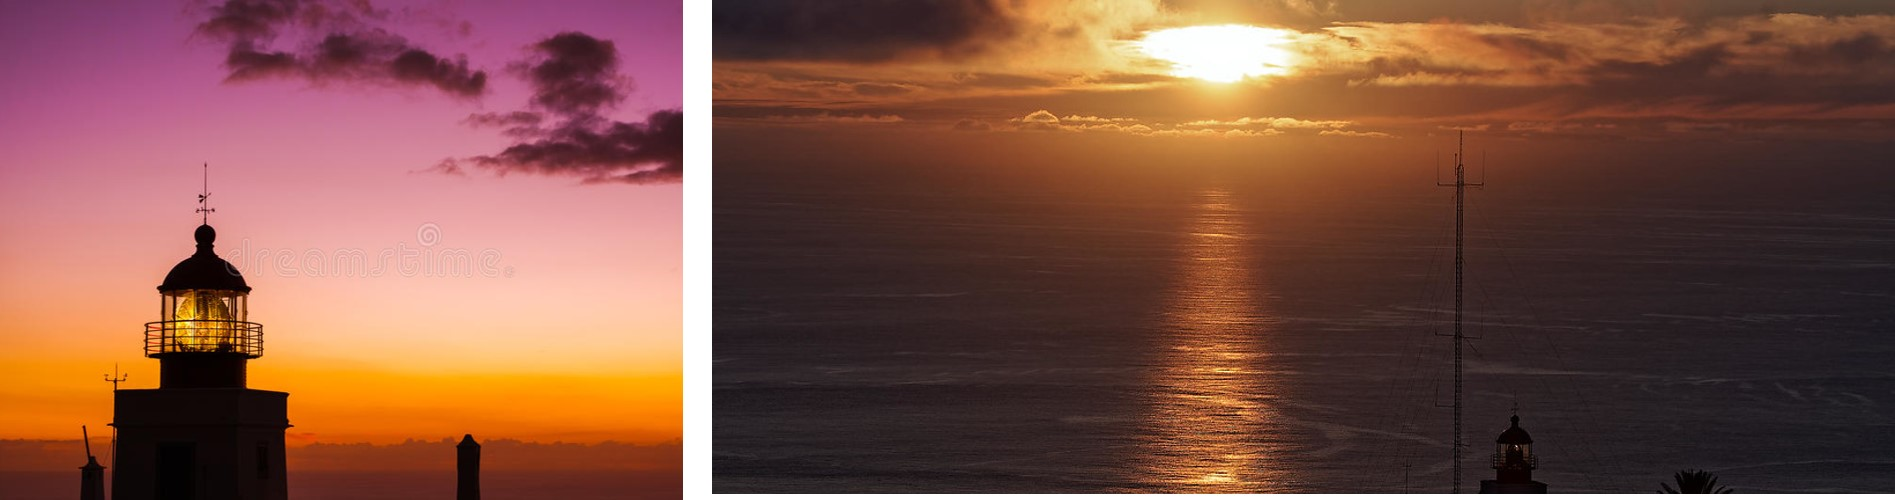 Ponta do Pargo Sunset Madeira Portugal